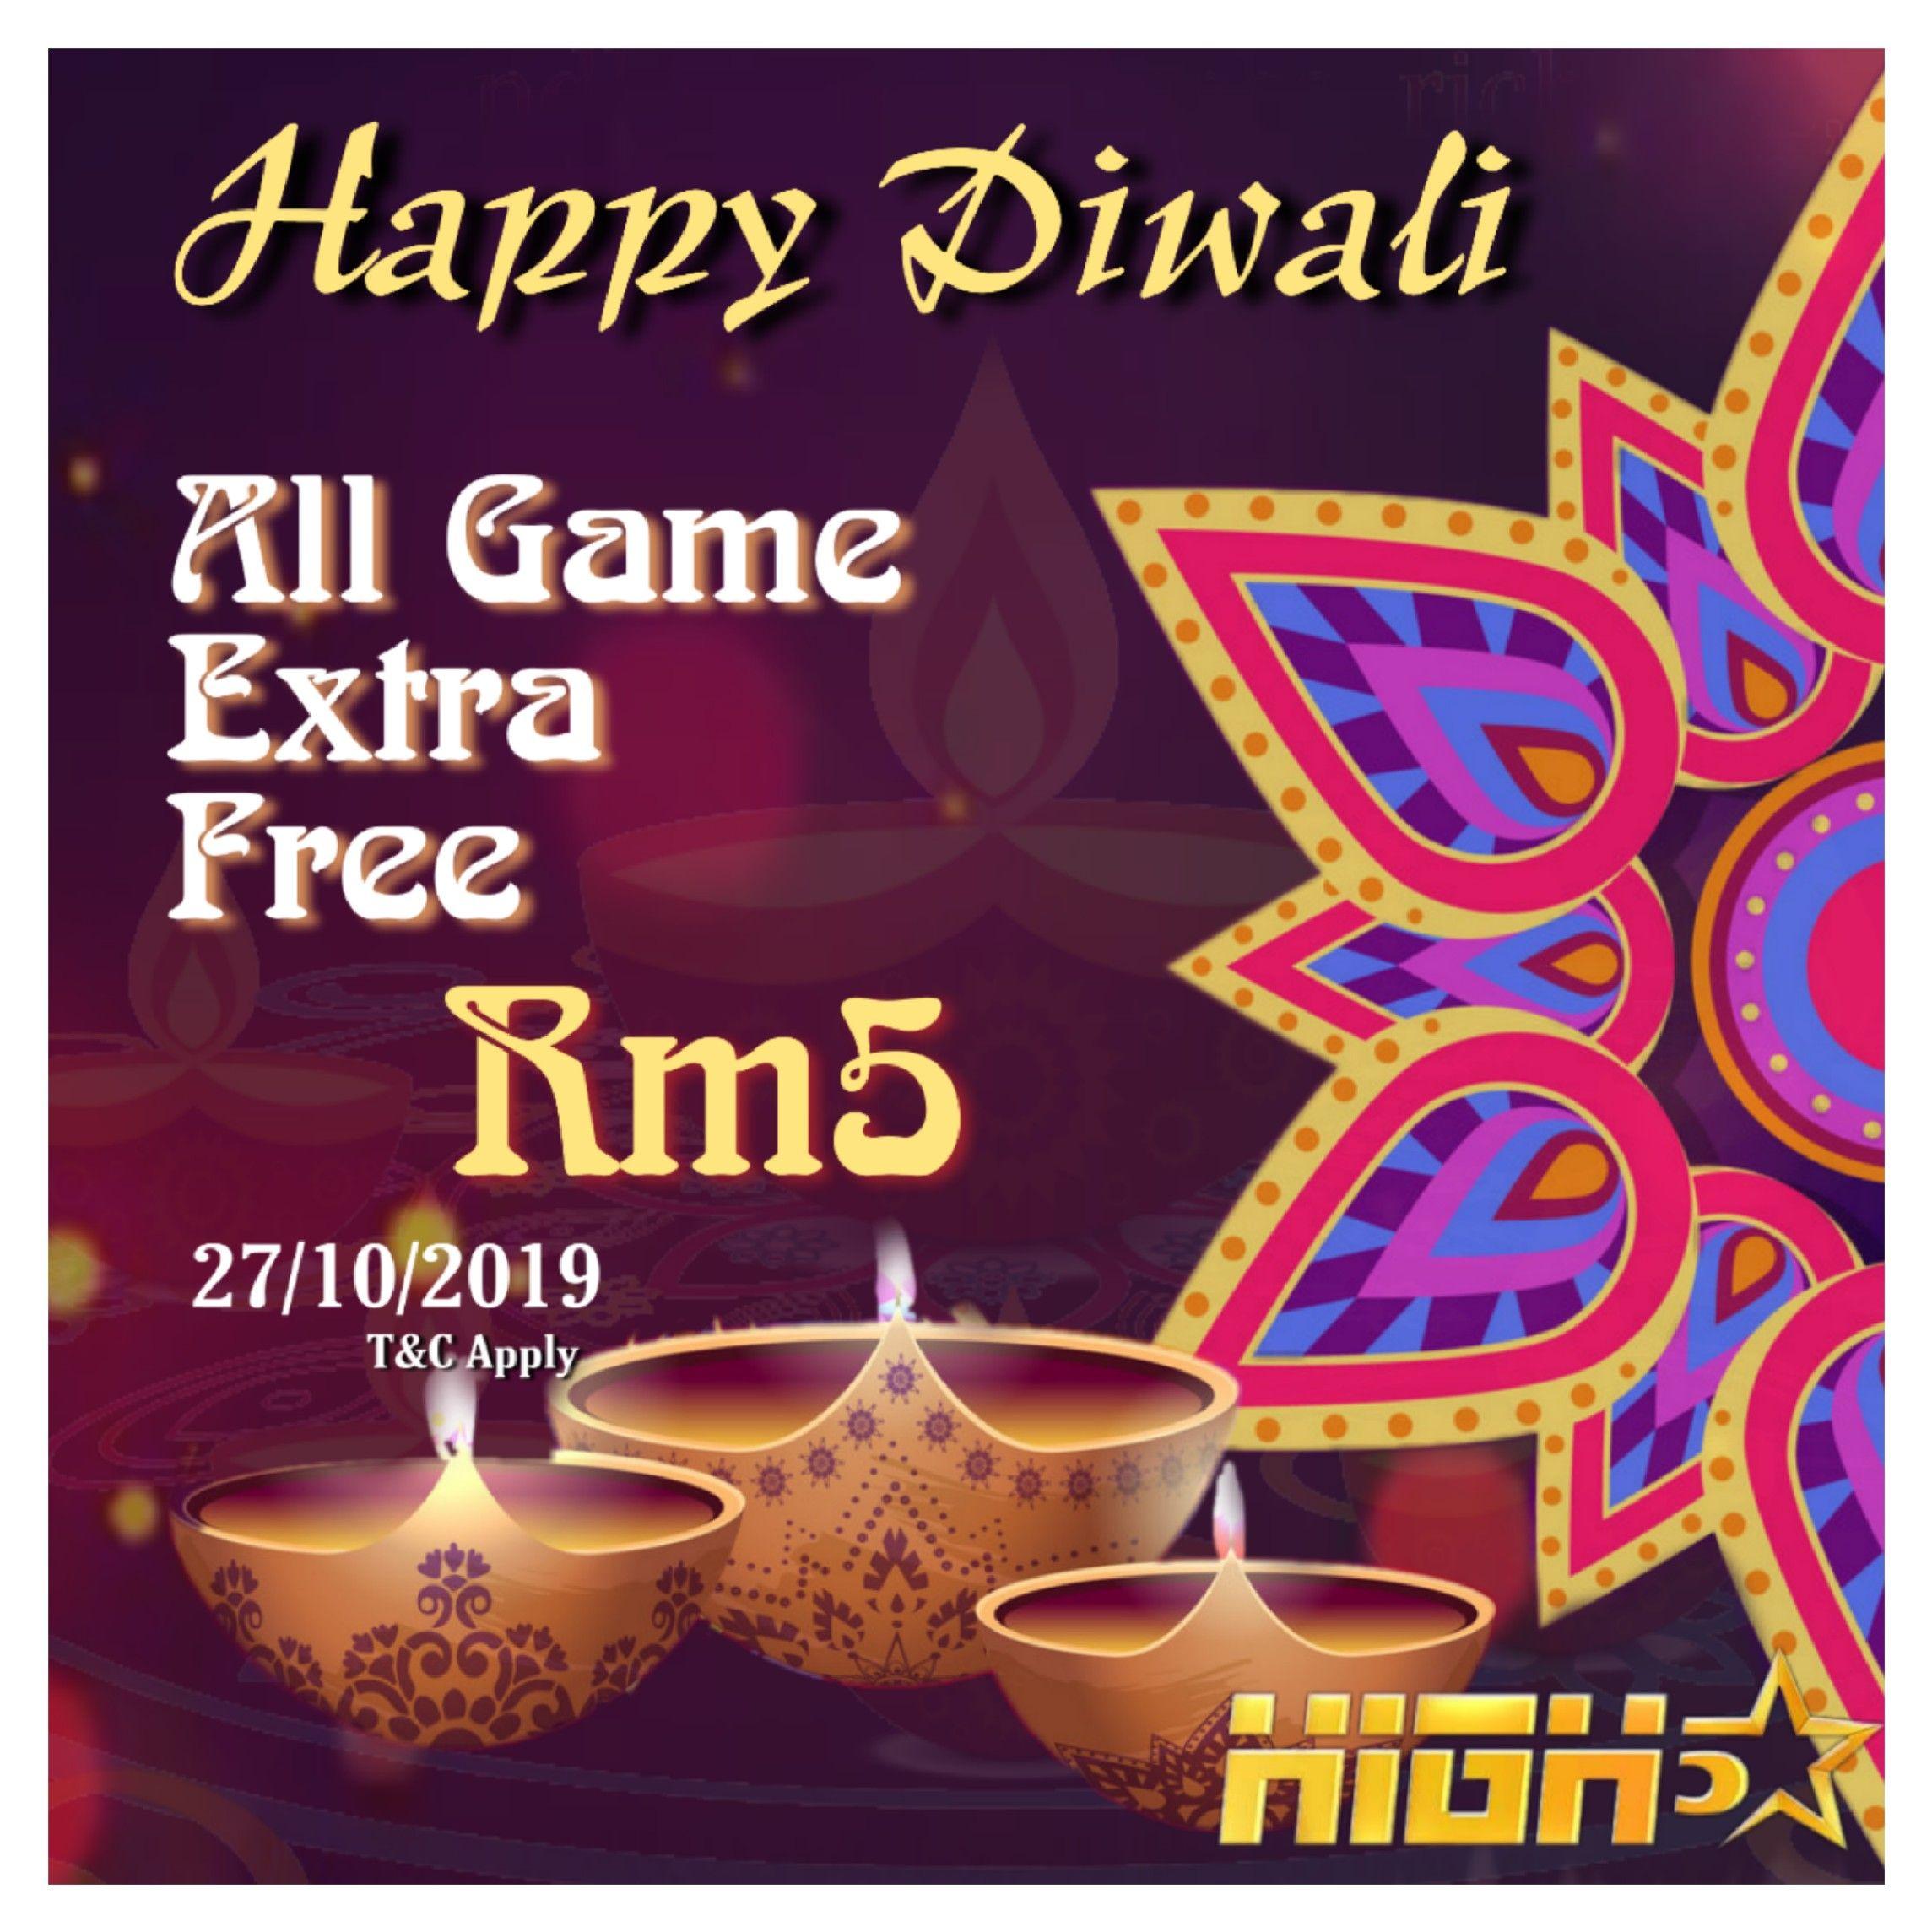 Pin by Wahida Syahida Syahida Eliya on Free slot games in